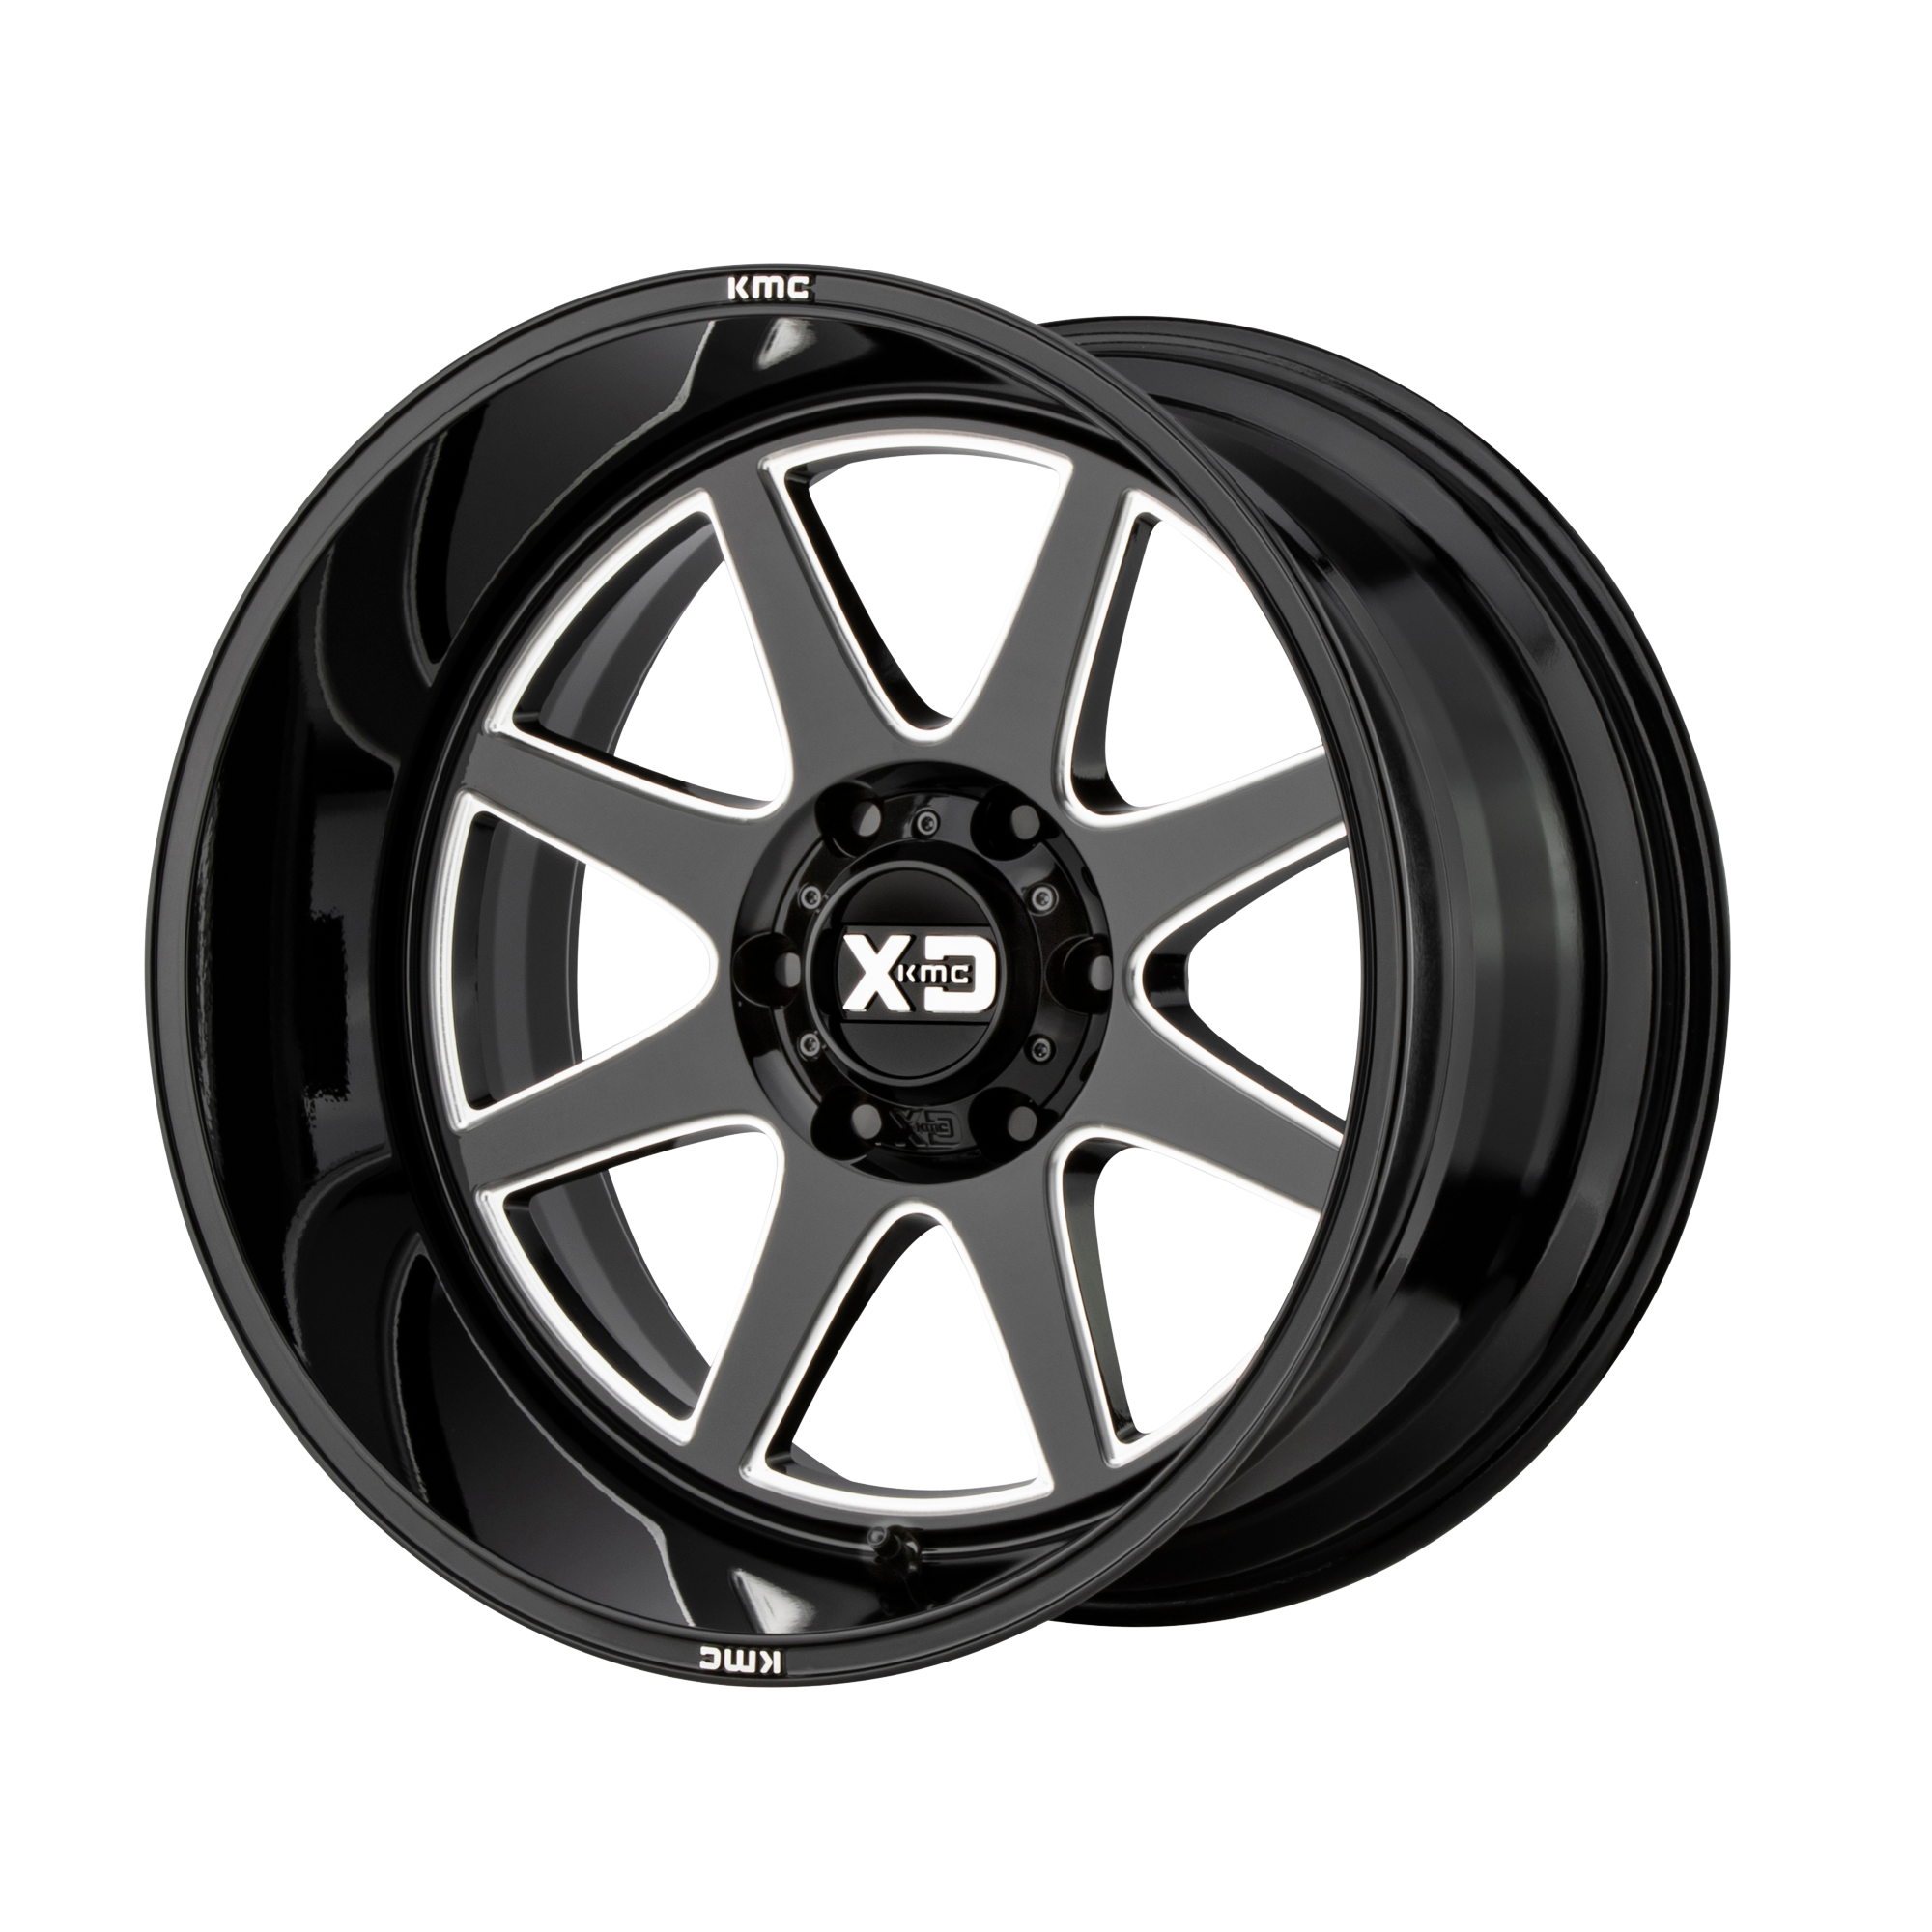 XD SERIES XD844 PIKE hliníkové disky 10x22 6x139,7 ET-18 Gloss Black Milled